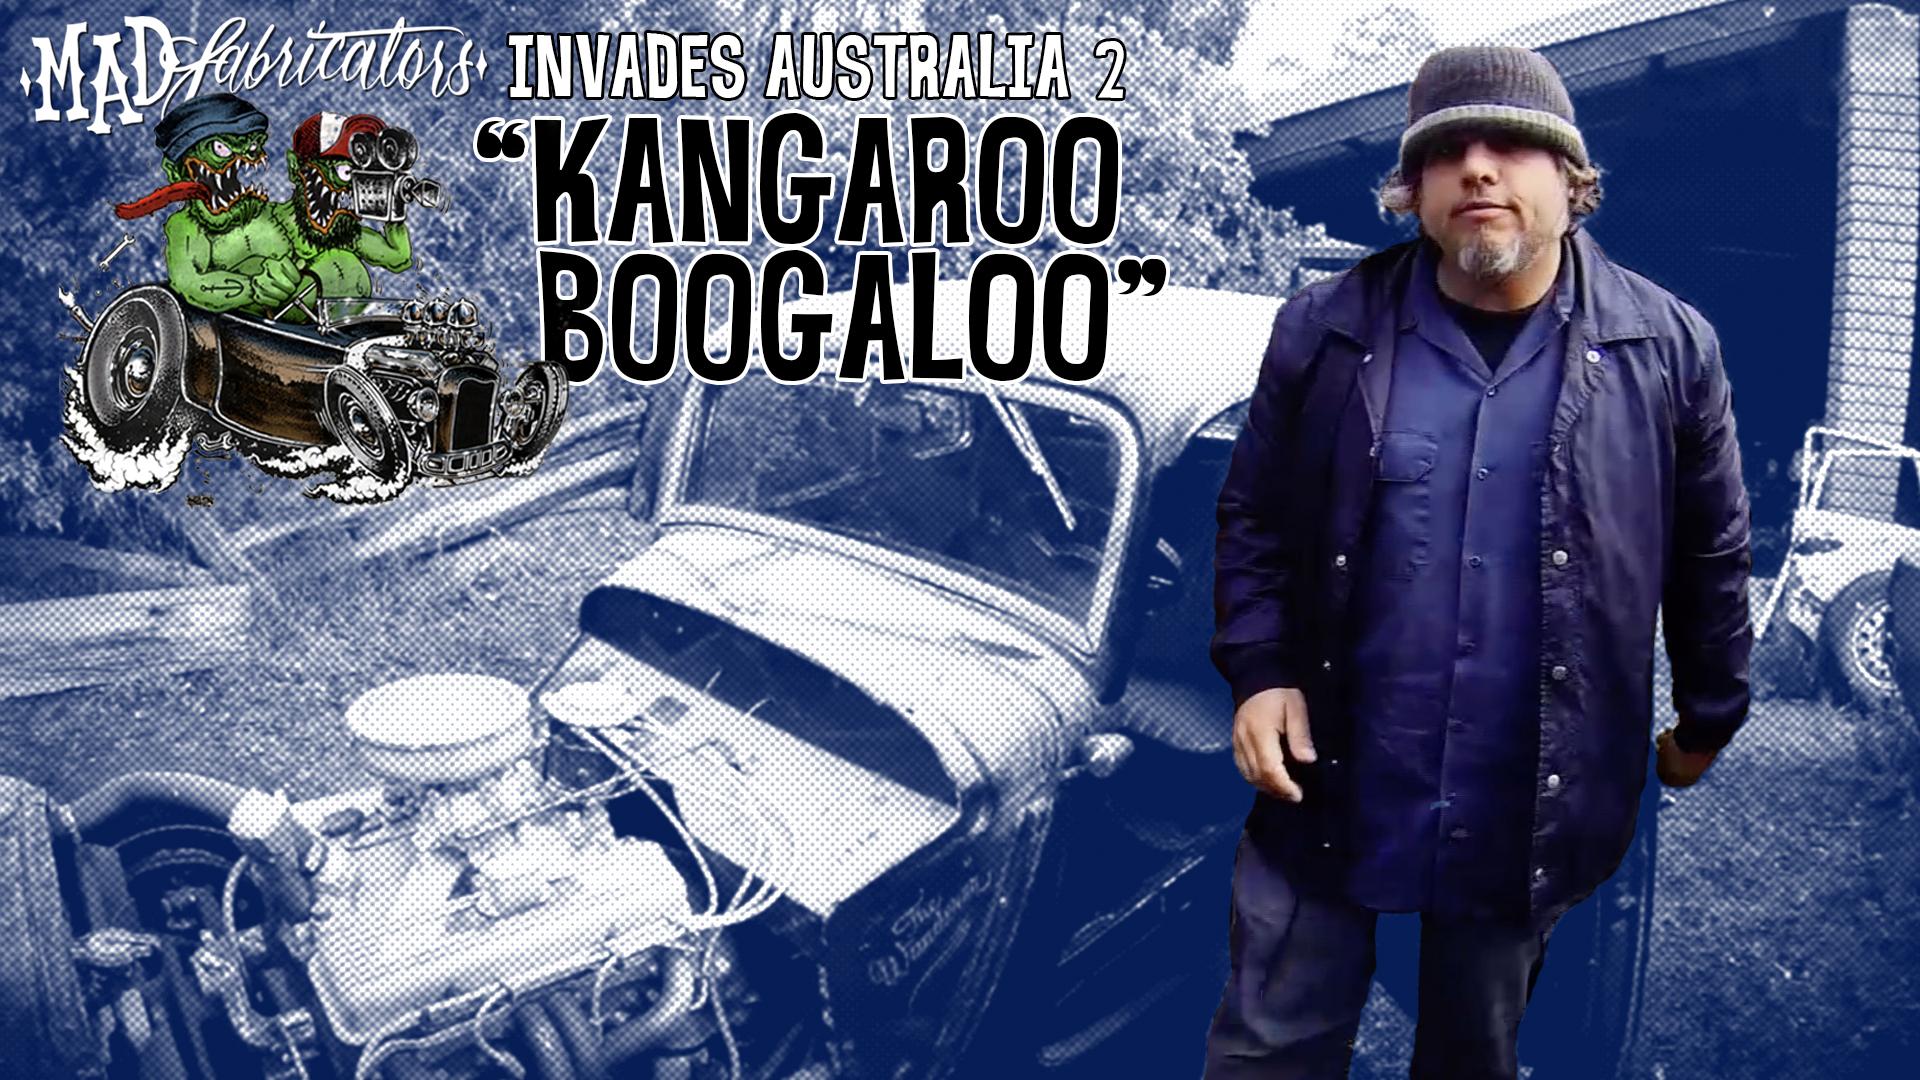 """Mad Fabricators Invades Australia 2""""Kangaroo Boogaloo"""""""